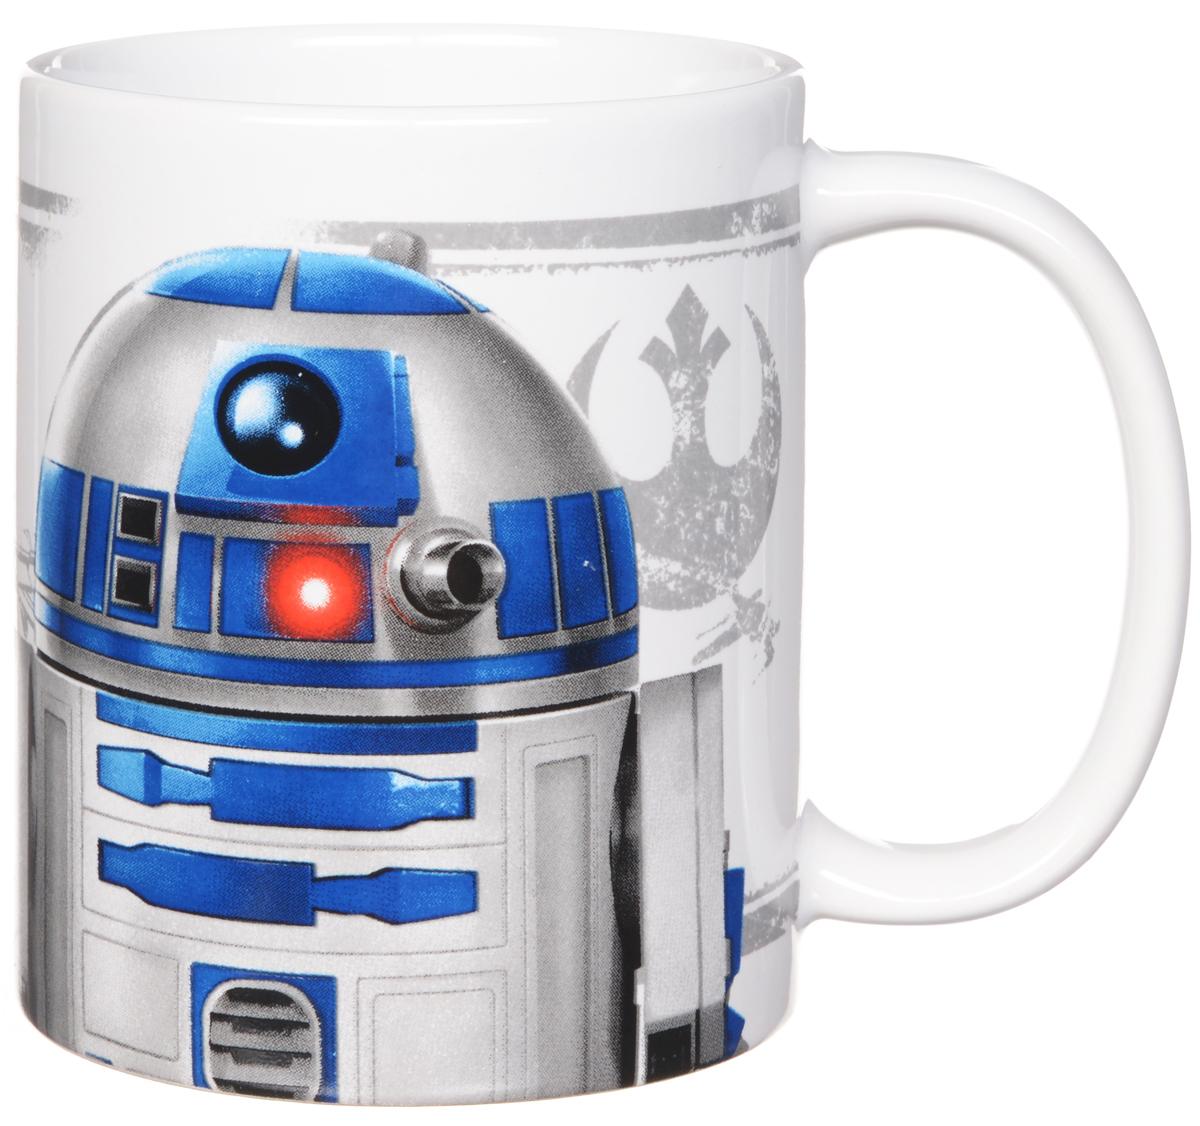 Star Wars Кружка детская R2D2 350 млSWC01-3Детская кружка Star Wars R2D2 станет отличным подарком для любого фаната знаменитой саги. Она выполнена из керамики белого цвета и оформлена рисунком с изображением одного из главных героев Звездных войн дроида R2D2. Большая ручка обеспечит удобство использования.Объем кружки: 350 мл.Подходит для использования в посудомоечной машине и СВЧ-печи.